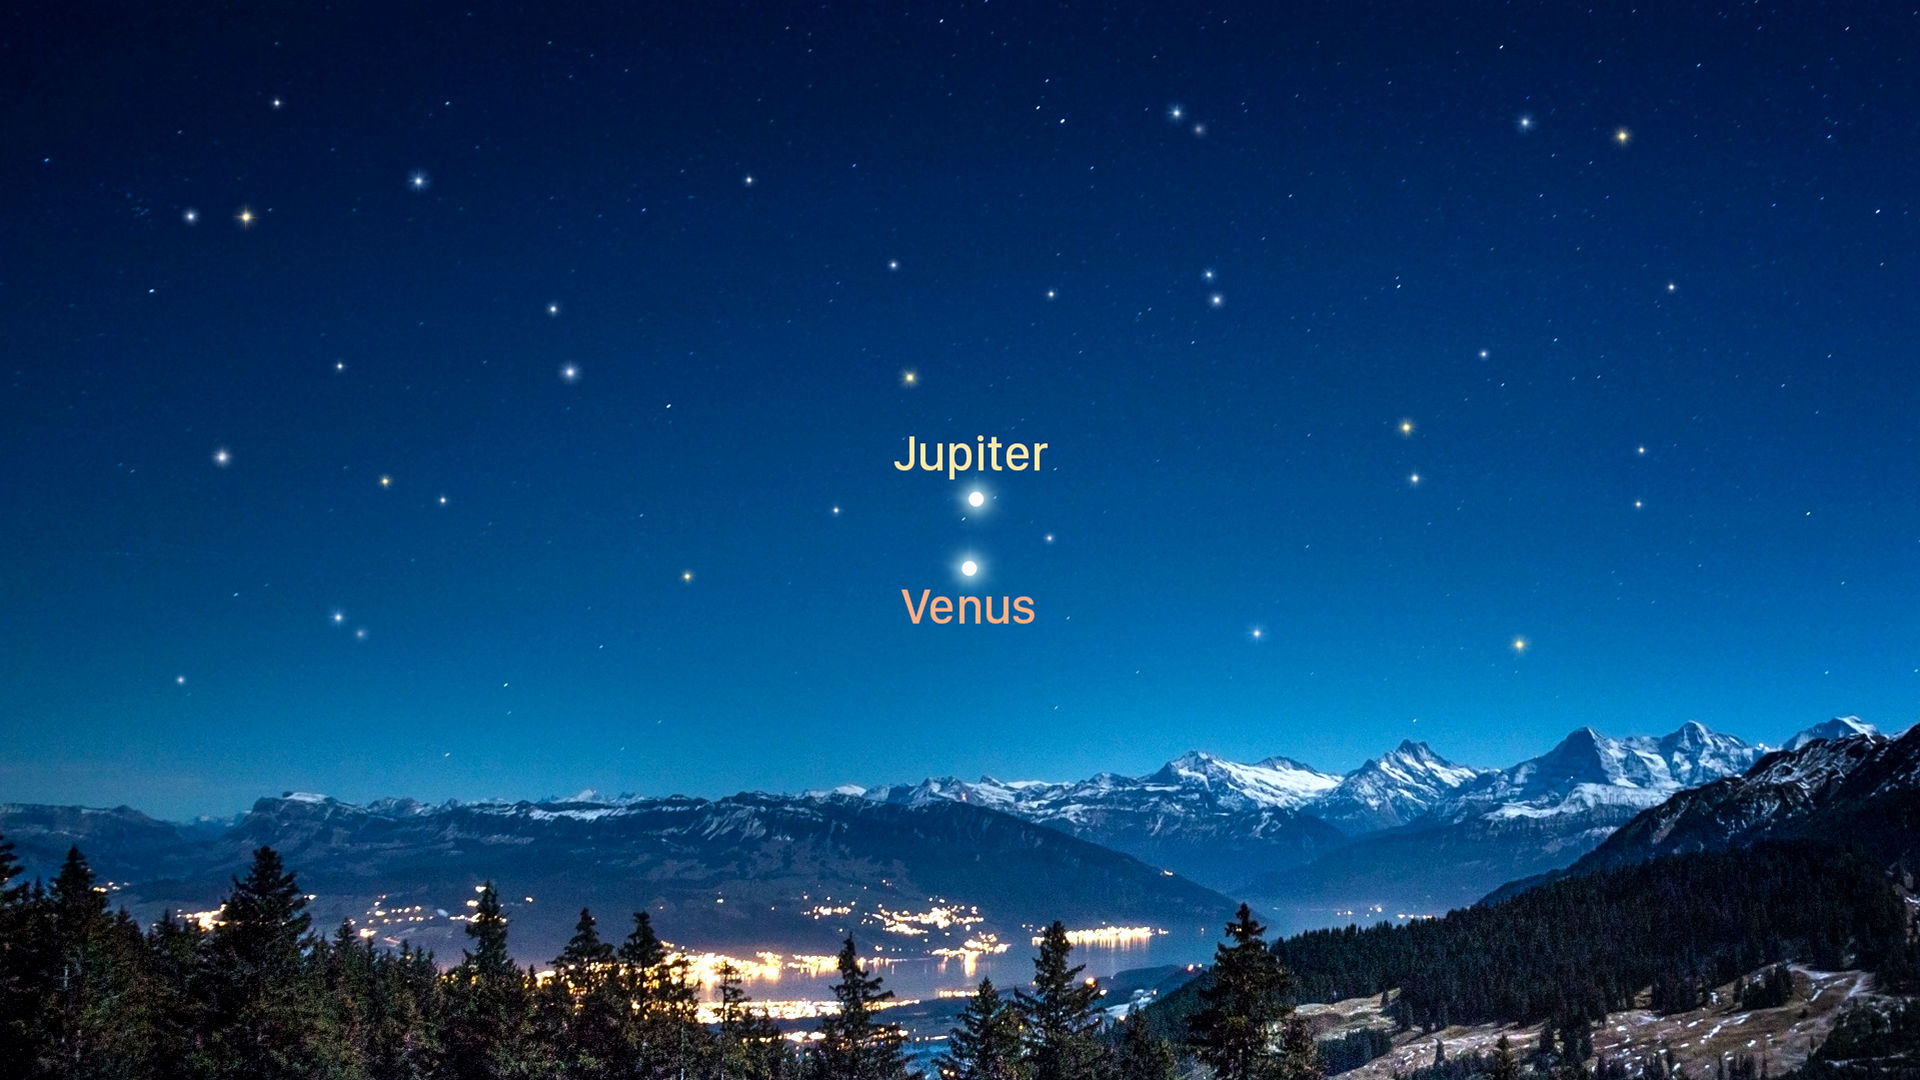 Nauwe benadering van Venus en Jupiter